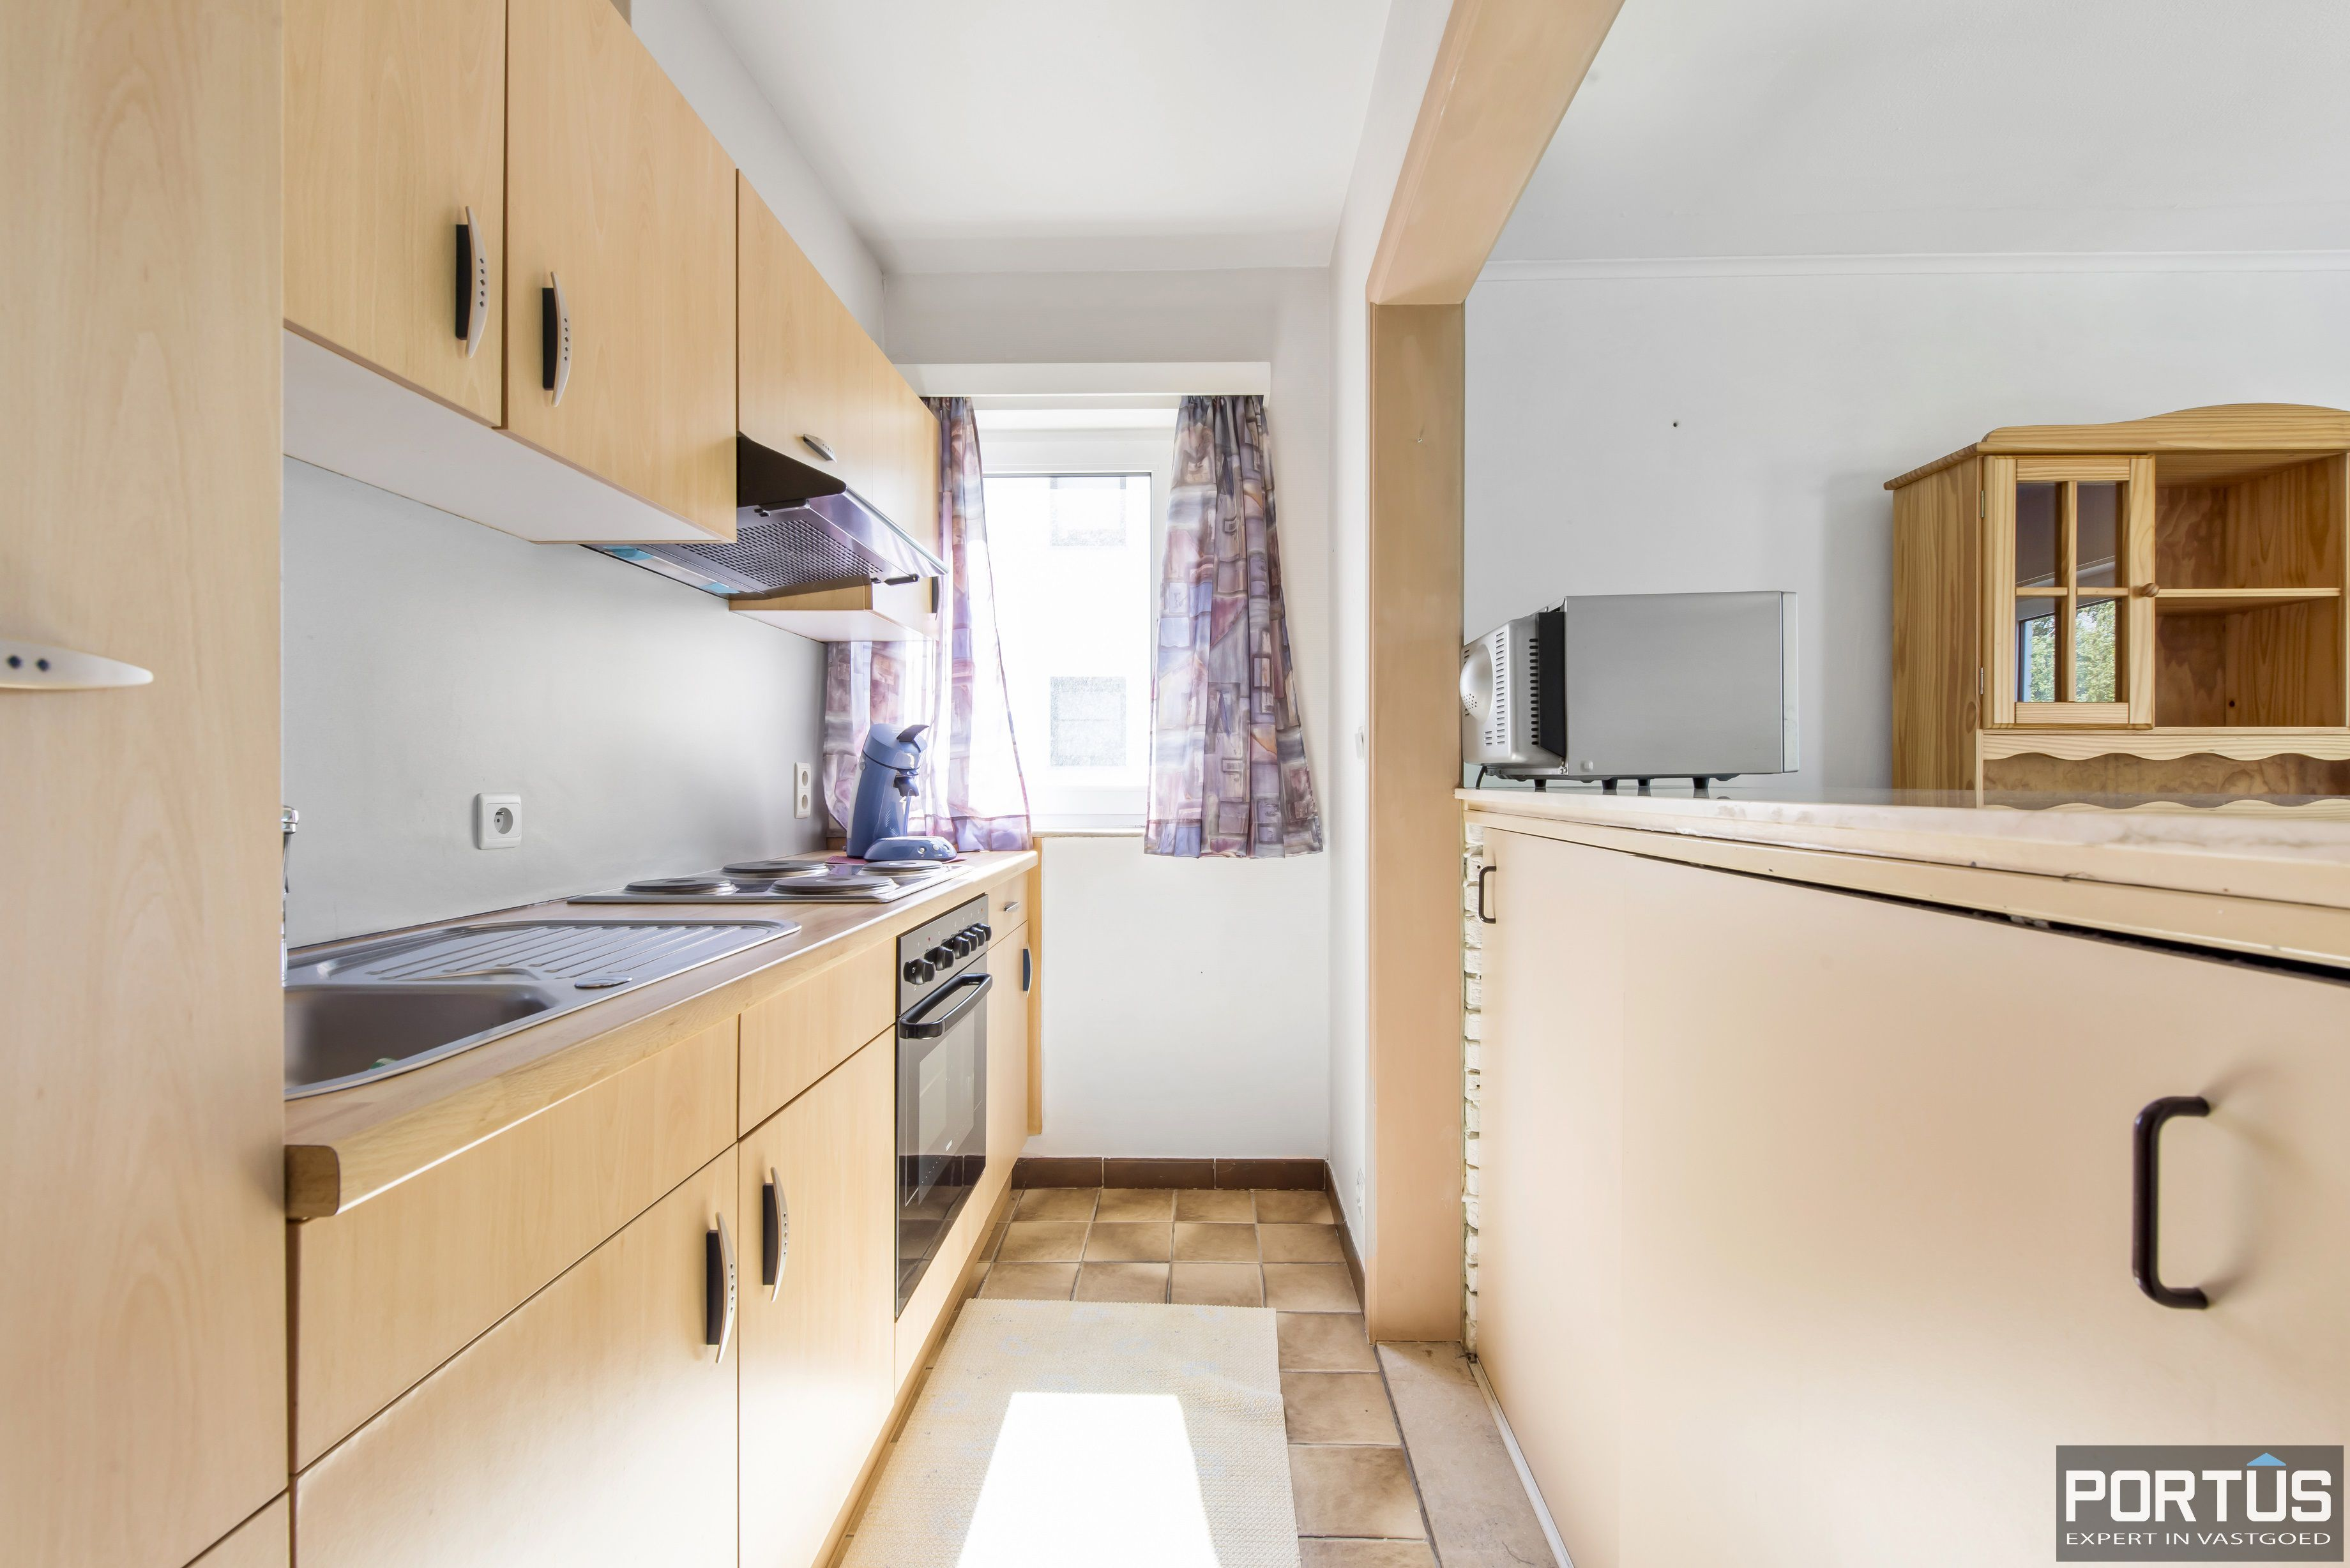 Appartement met 2 slaapkamers en parking te koop te Nieuwpoort - 9740